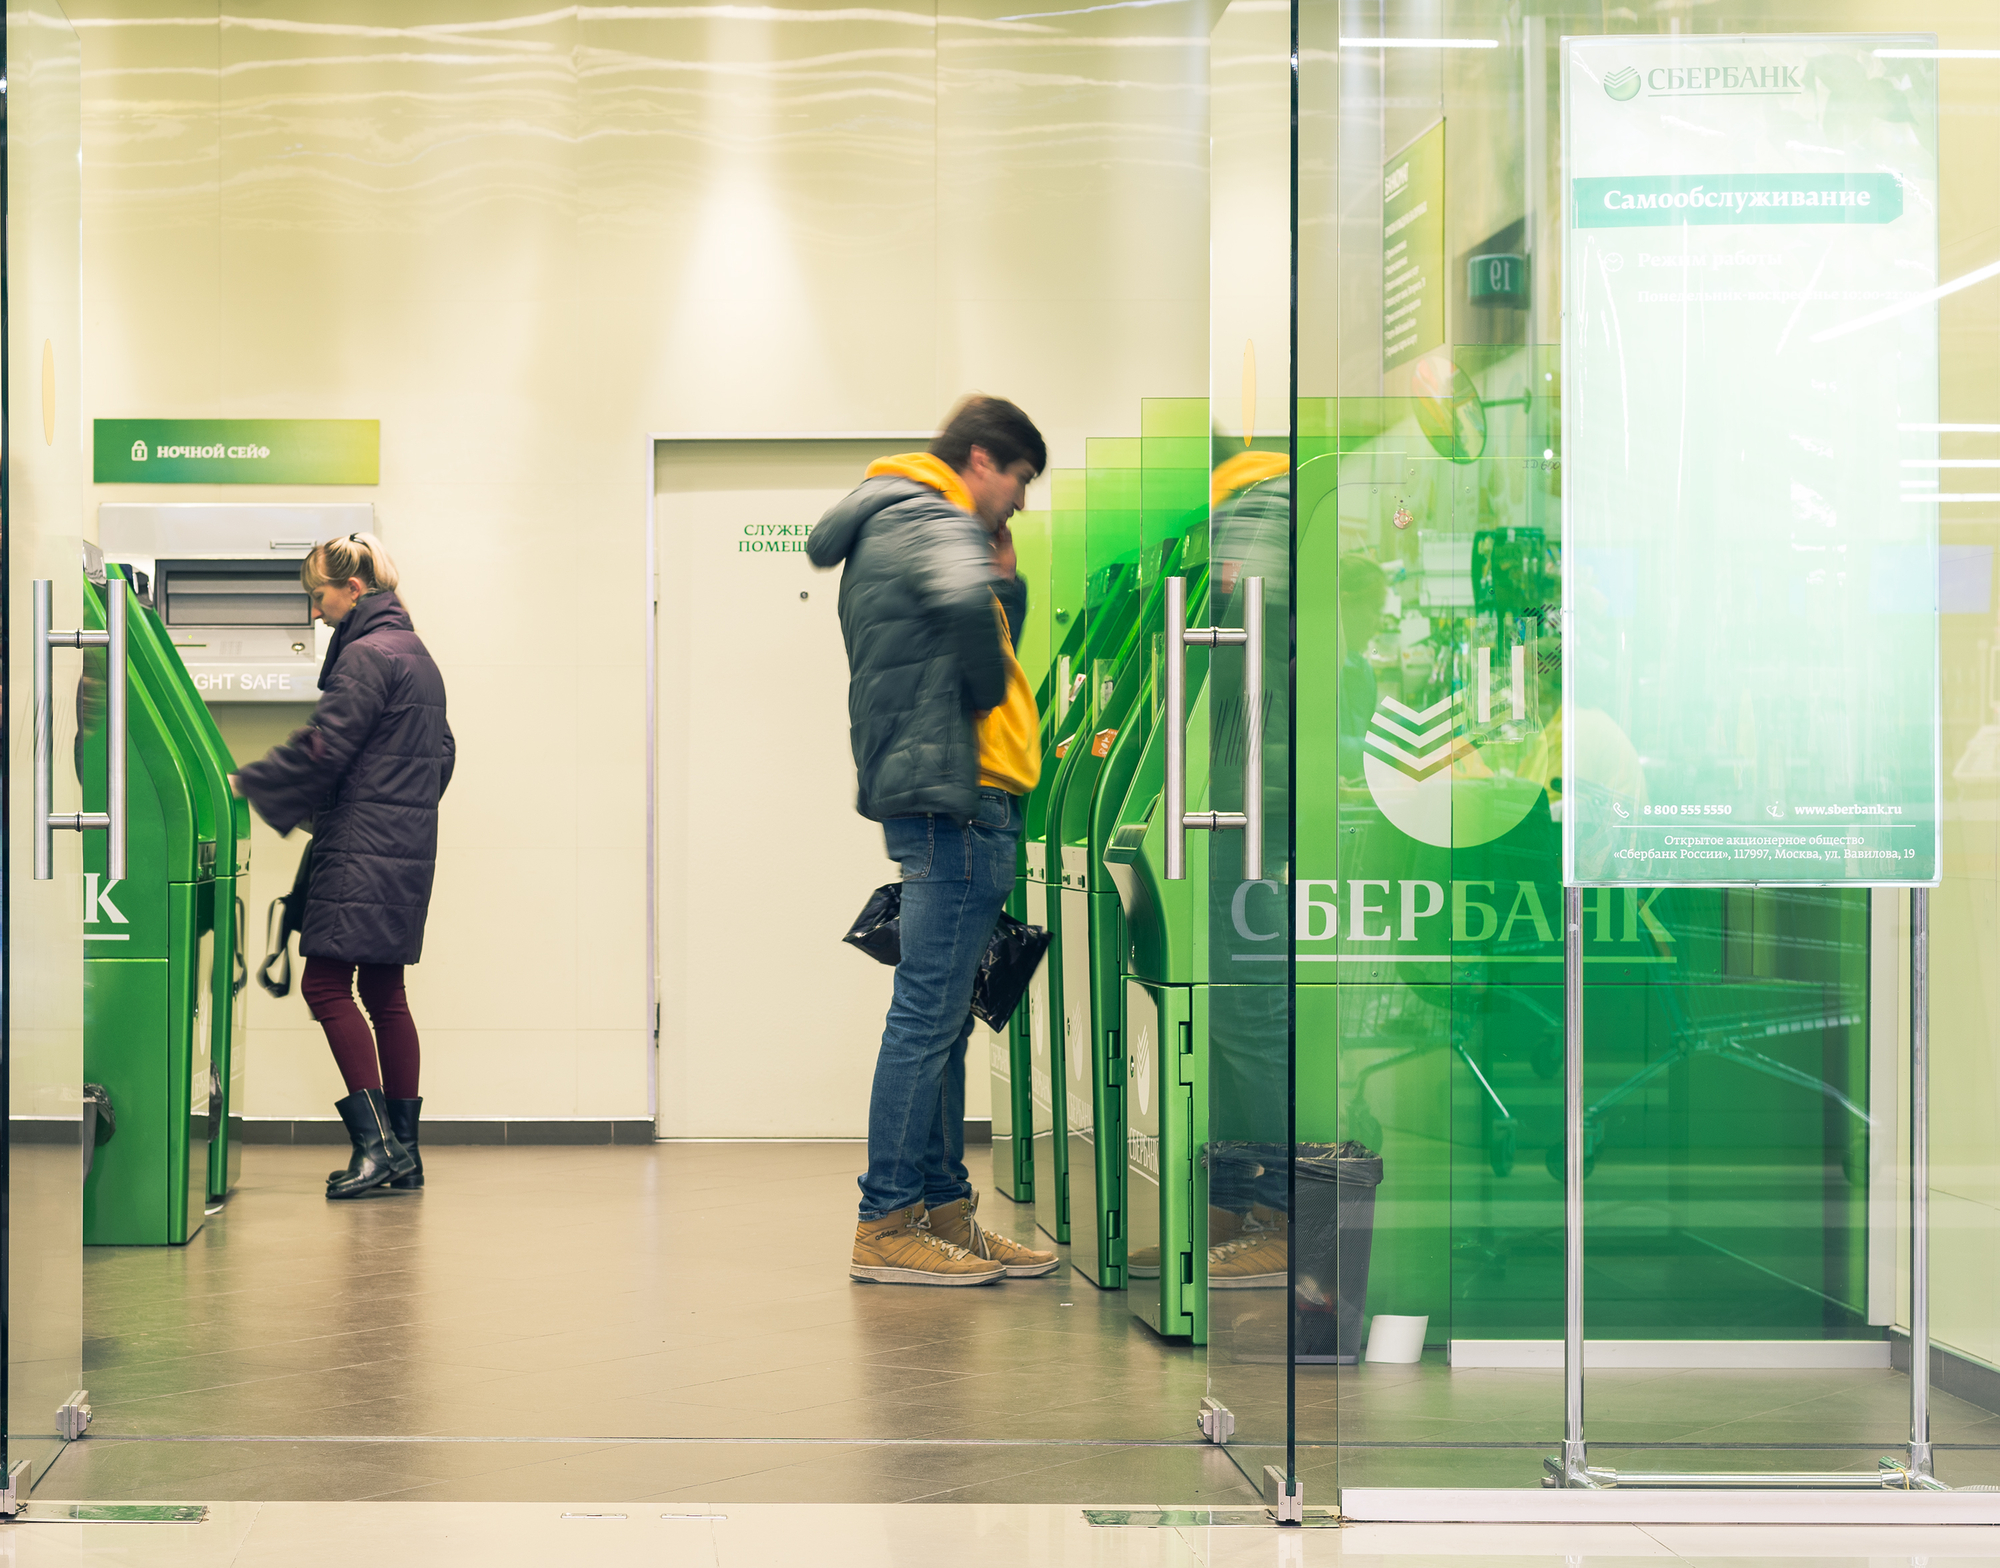 Справка по форме банка вместо 2-НДФЛ в Сбербанке: как оформить и что с ней можно сделать?